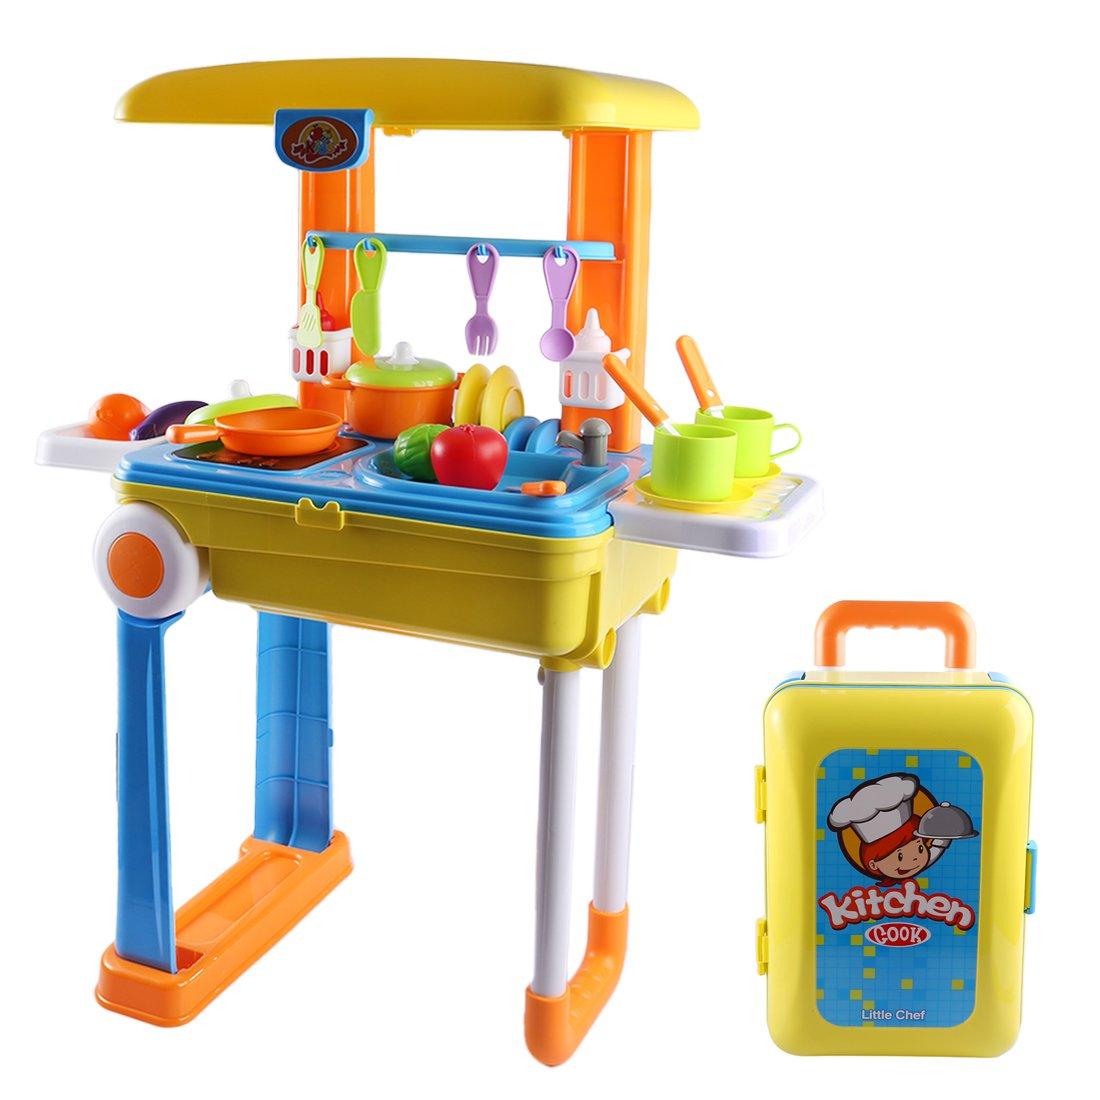 Tosbess Accesorios de Cocina de Juguete Set de Juguete Apto Cocinita Plegable en Maleta Convertible Maletín de Juegos para Niños de 3 Años